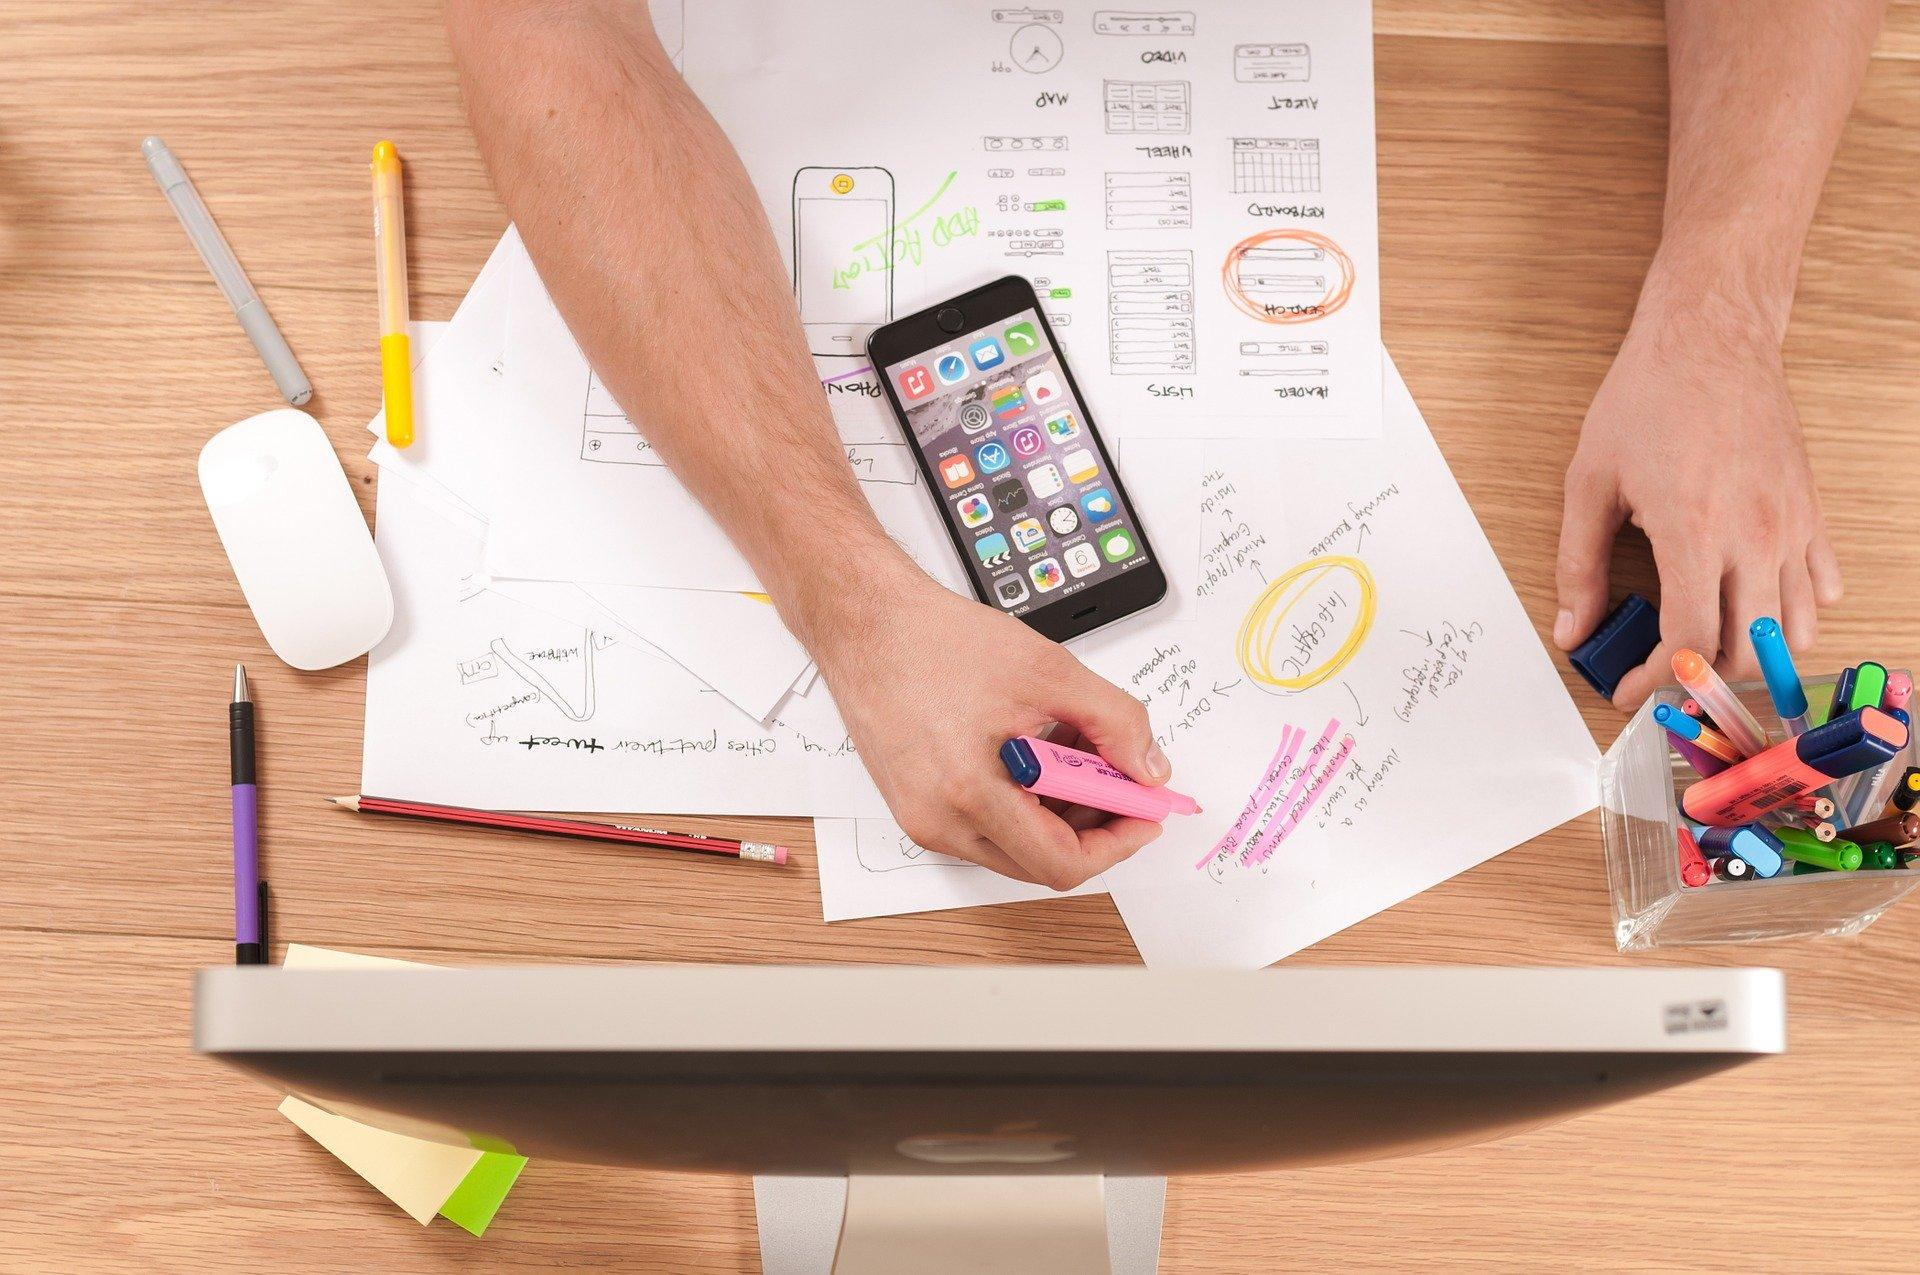 Где заказать разработку мобильного приложения для бизнеса: выбираем лучший вариант